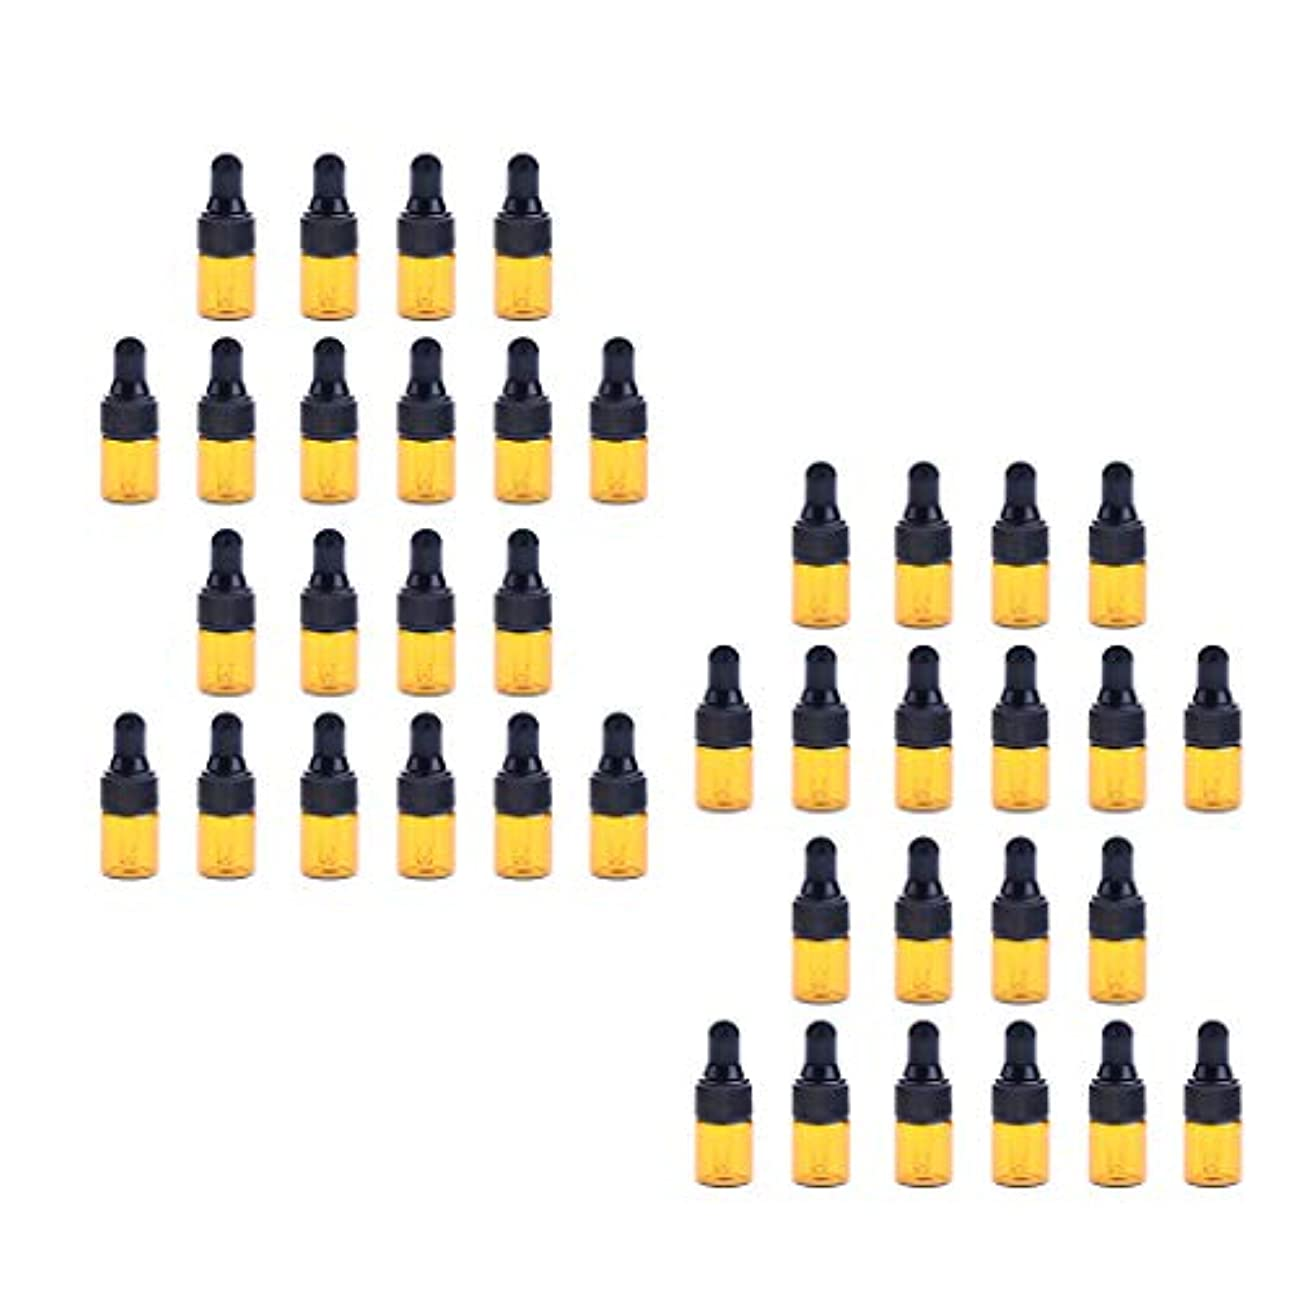 アドバンテージ相談する憂慮すべき40個入 ドロッパーボトル ガラス瓶 エッセンシャルオイル 精油 保存容器 詰め替え 小型 1ml /2ml